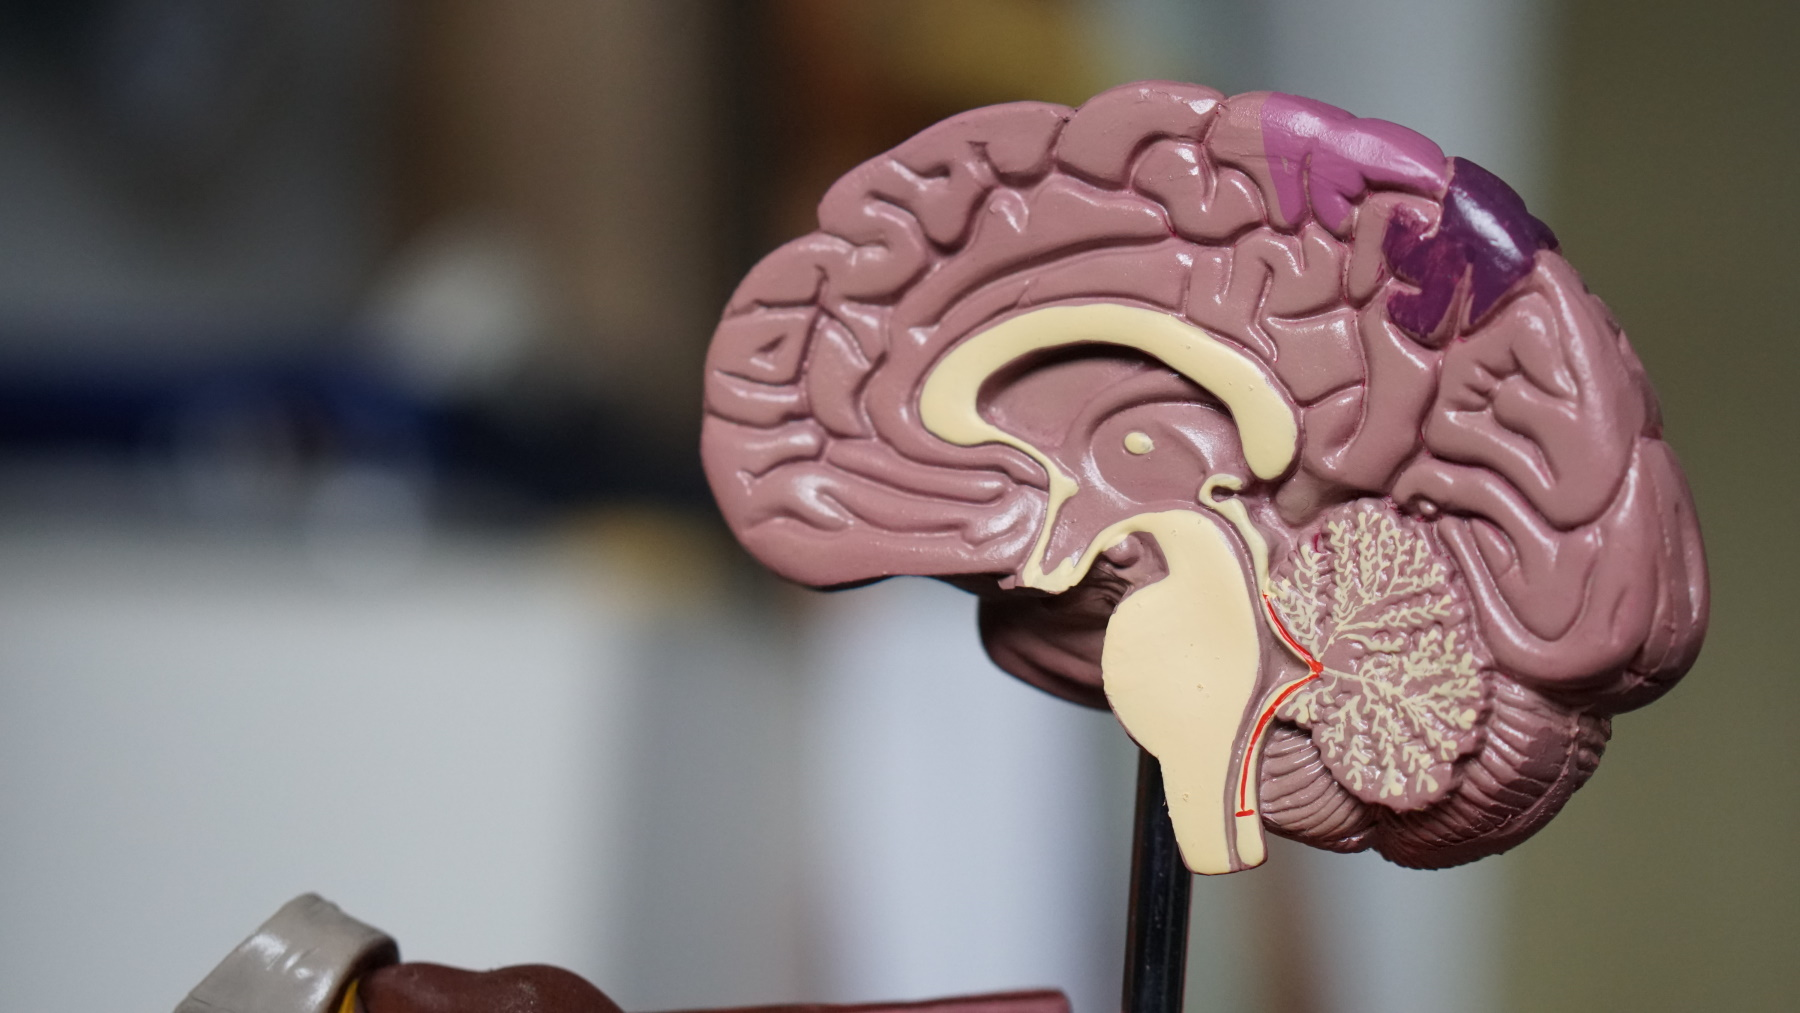 prokrastynacja - mózg